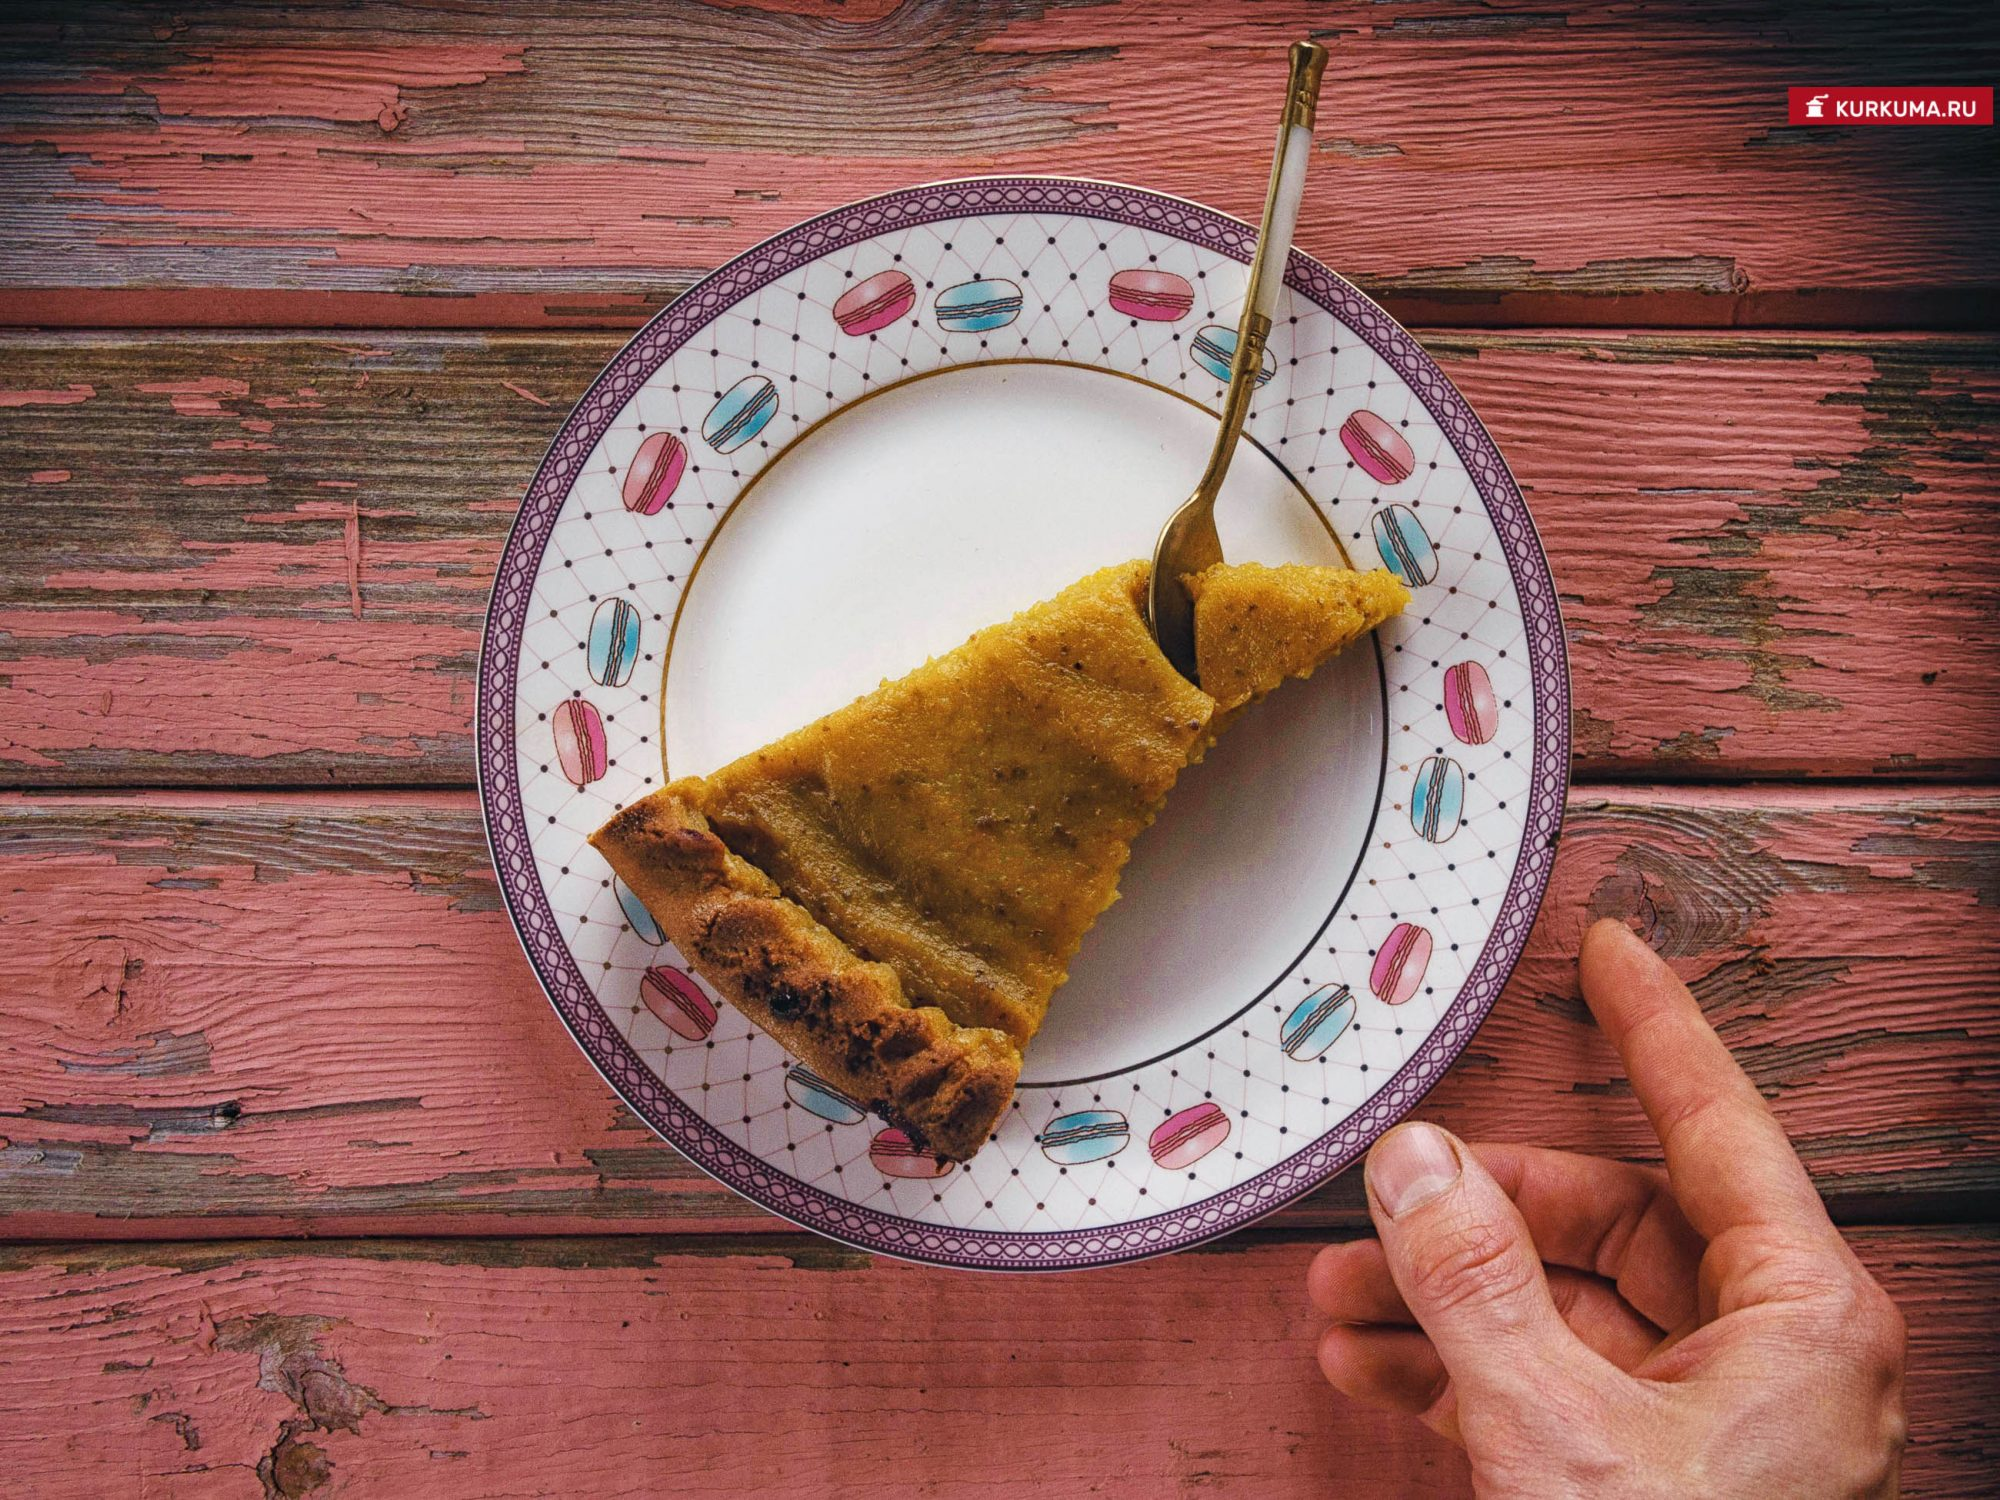 Тыквенный пирог веган - рецепт